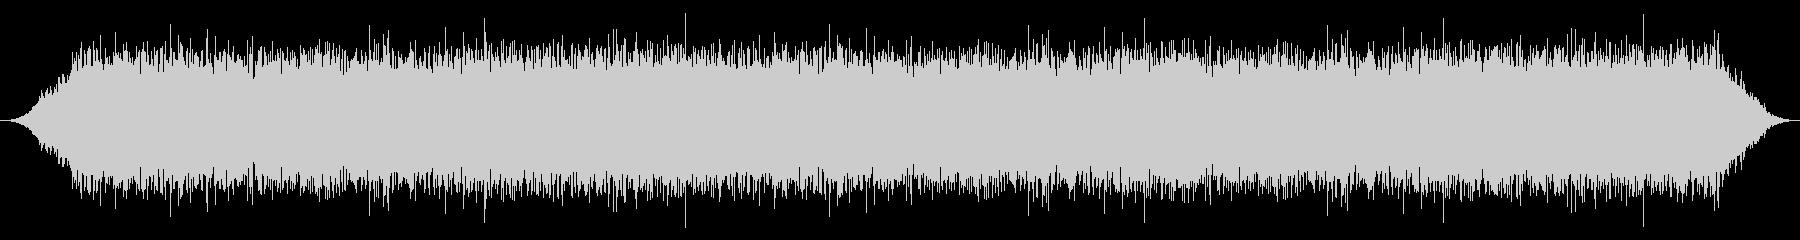 PC 駆動音03-06(ロング)の未再生の波形